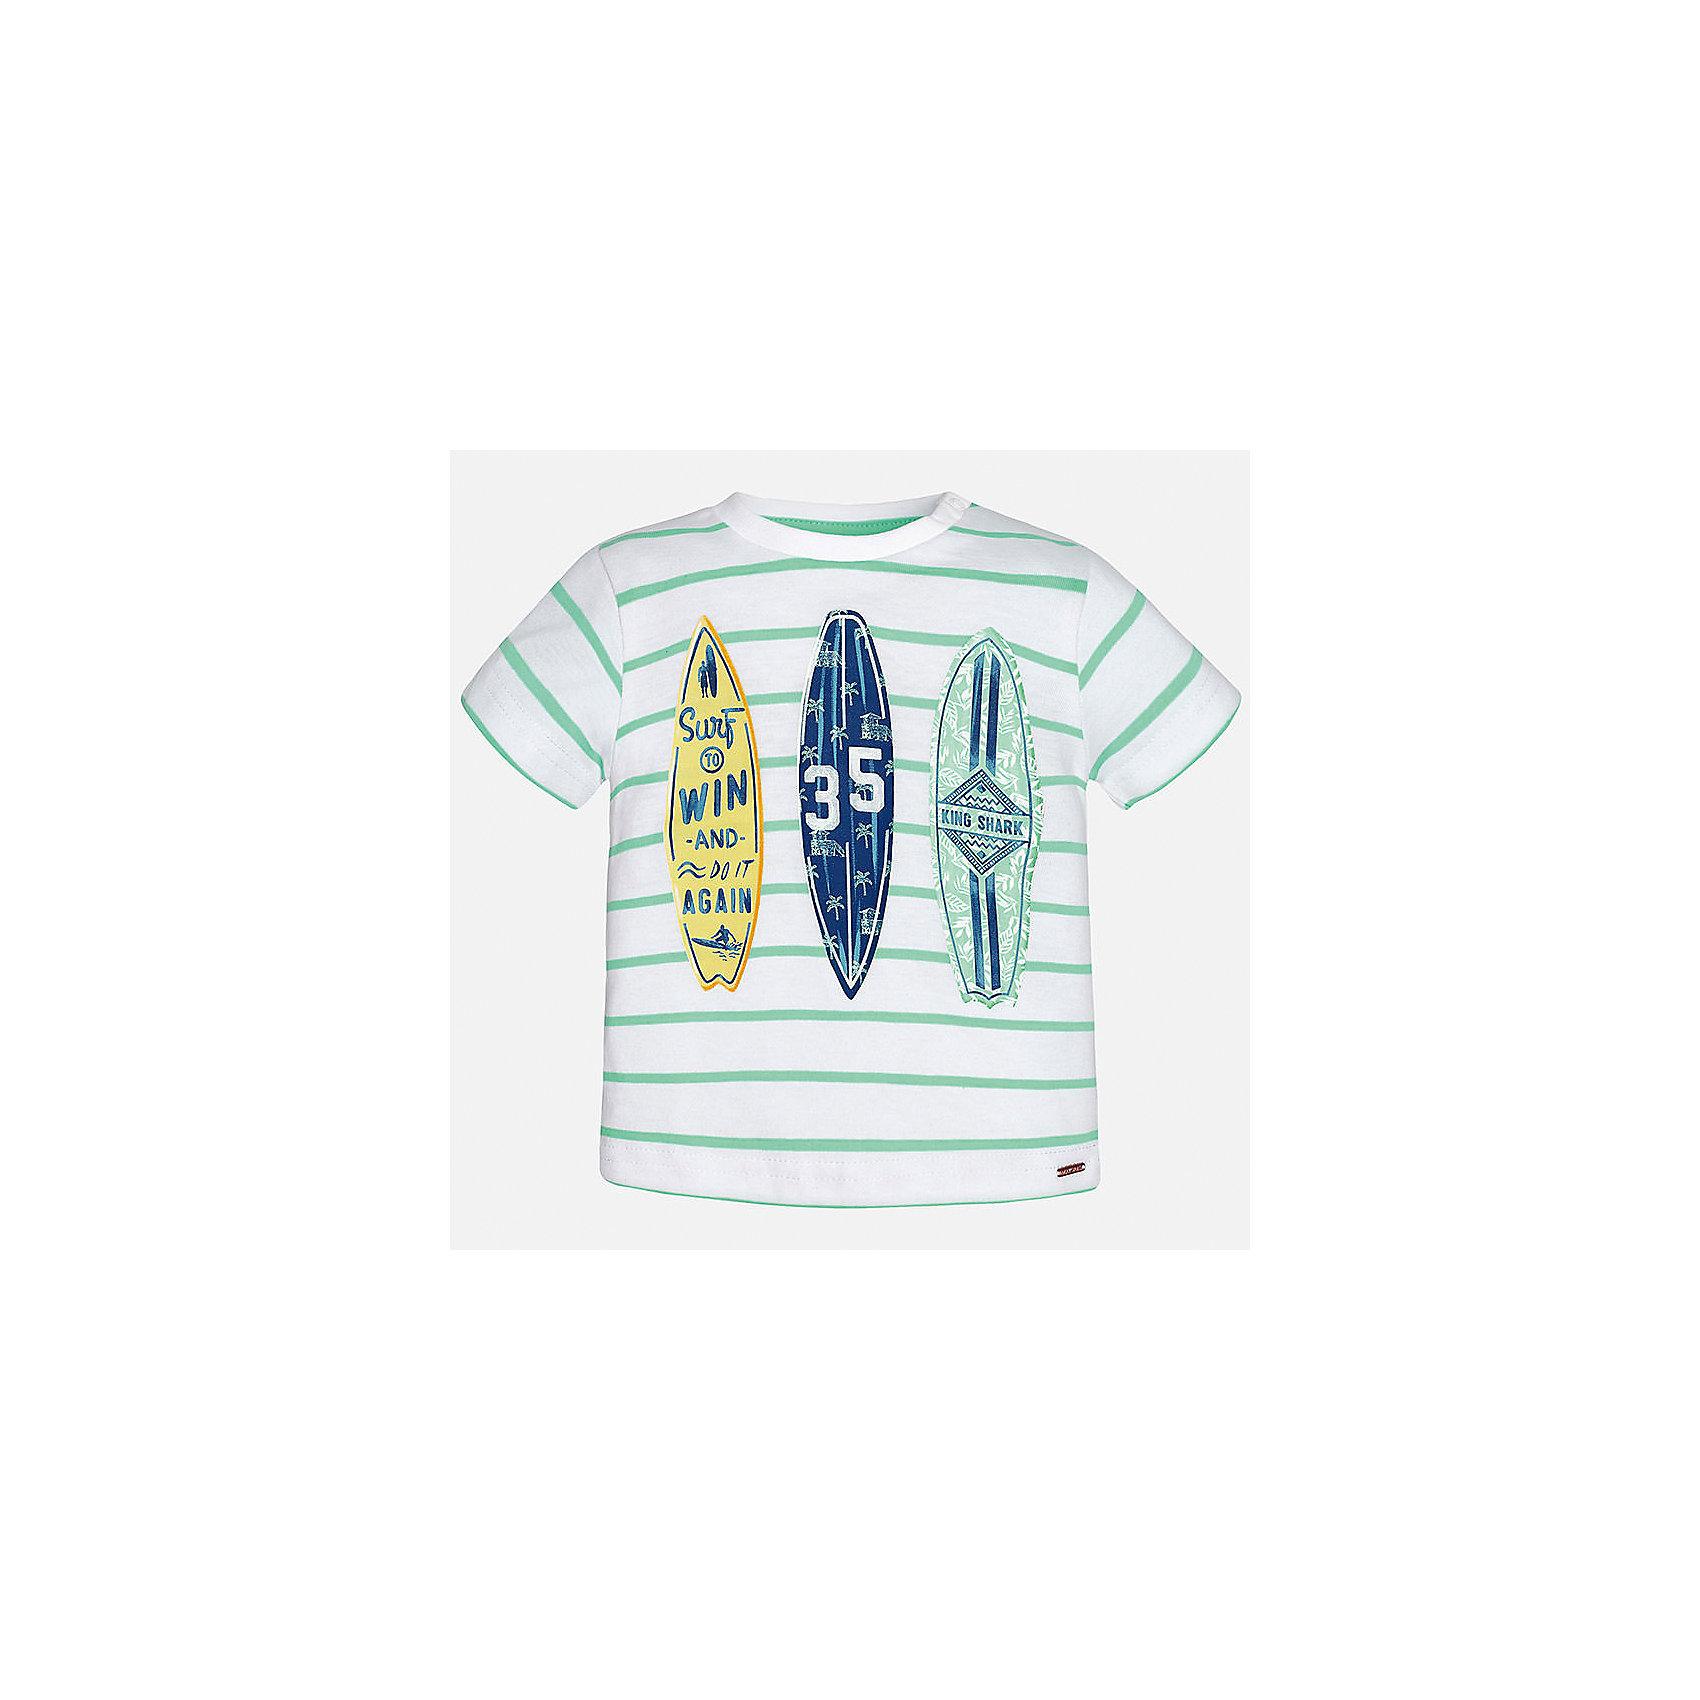 Футболка для мальчика MayoralФутболки, топы<br>Характеристики товара:<br><br>• цвет: белый/зеленый<br>• состав: 100% хлопок<br>• круглый горловой вырез<br>• декорирована принтом<br>• короткие рукава<br>• мягкая отделка горловины<br>• страна бренда: Испания<br><br>Стильная удобная футболка с принтом поможет разнообразить гардероб мальчика. Она отлично сочетается с брюками, шортами, джинсами. Универсальный крой и цвет позволяет подобрать к вещи низ разных расцветок. Практичное и стильное изделие! Хорошо смотрится и комфортно сидит на детях. В составе материала - натуральный хлопок, гипоаллергенный, приятный на ощупь, дышащий. <br><br>Одежда, обувь и аксессуары от испанского бренда Mayoral полюбились детям и взрослым по всему миру. Модели этой марки - стильные и удобные. Для их производства используются только безопасные, качественные материалы и фурнитура. Порадуйте ребенка модными и красивыми вещами от Mayoral! <br><br>Футболку для мальчика от испанского бренда Mayoral (Майорал) можно купить в нашем интернет-магазине.<br><br>Ширина мм: 199<br>Глубина мм: 10<br>Высота мм: 161<br>Вес г: 151<br>Цвет: зеленый<br>Возраст от месяцев: 12<br>Возраст до месяцев: 15<br>Пол: Мужской<br>Возраст: Детский<br>Размер: 80,92,86<br>SKU: 5278437